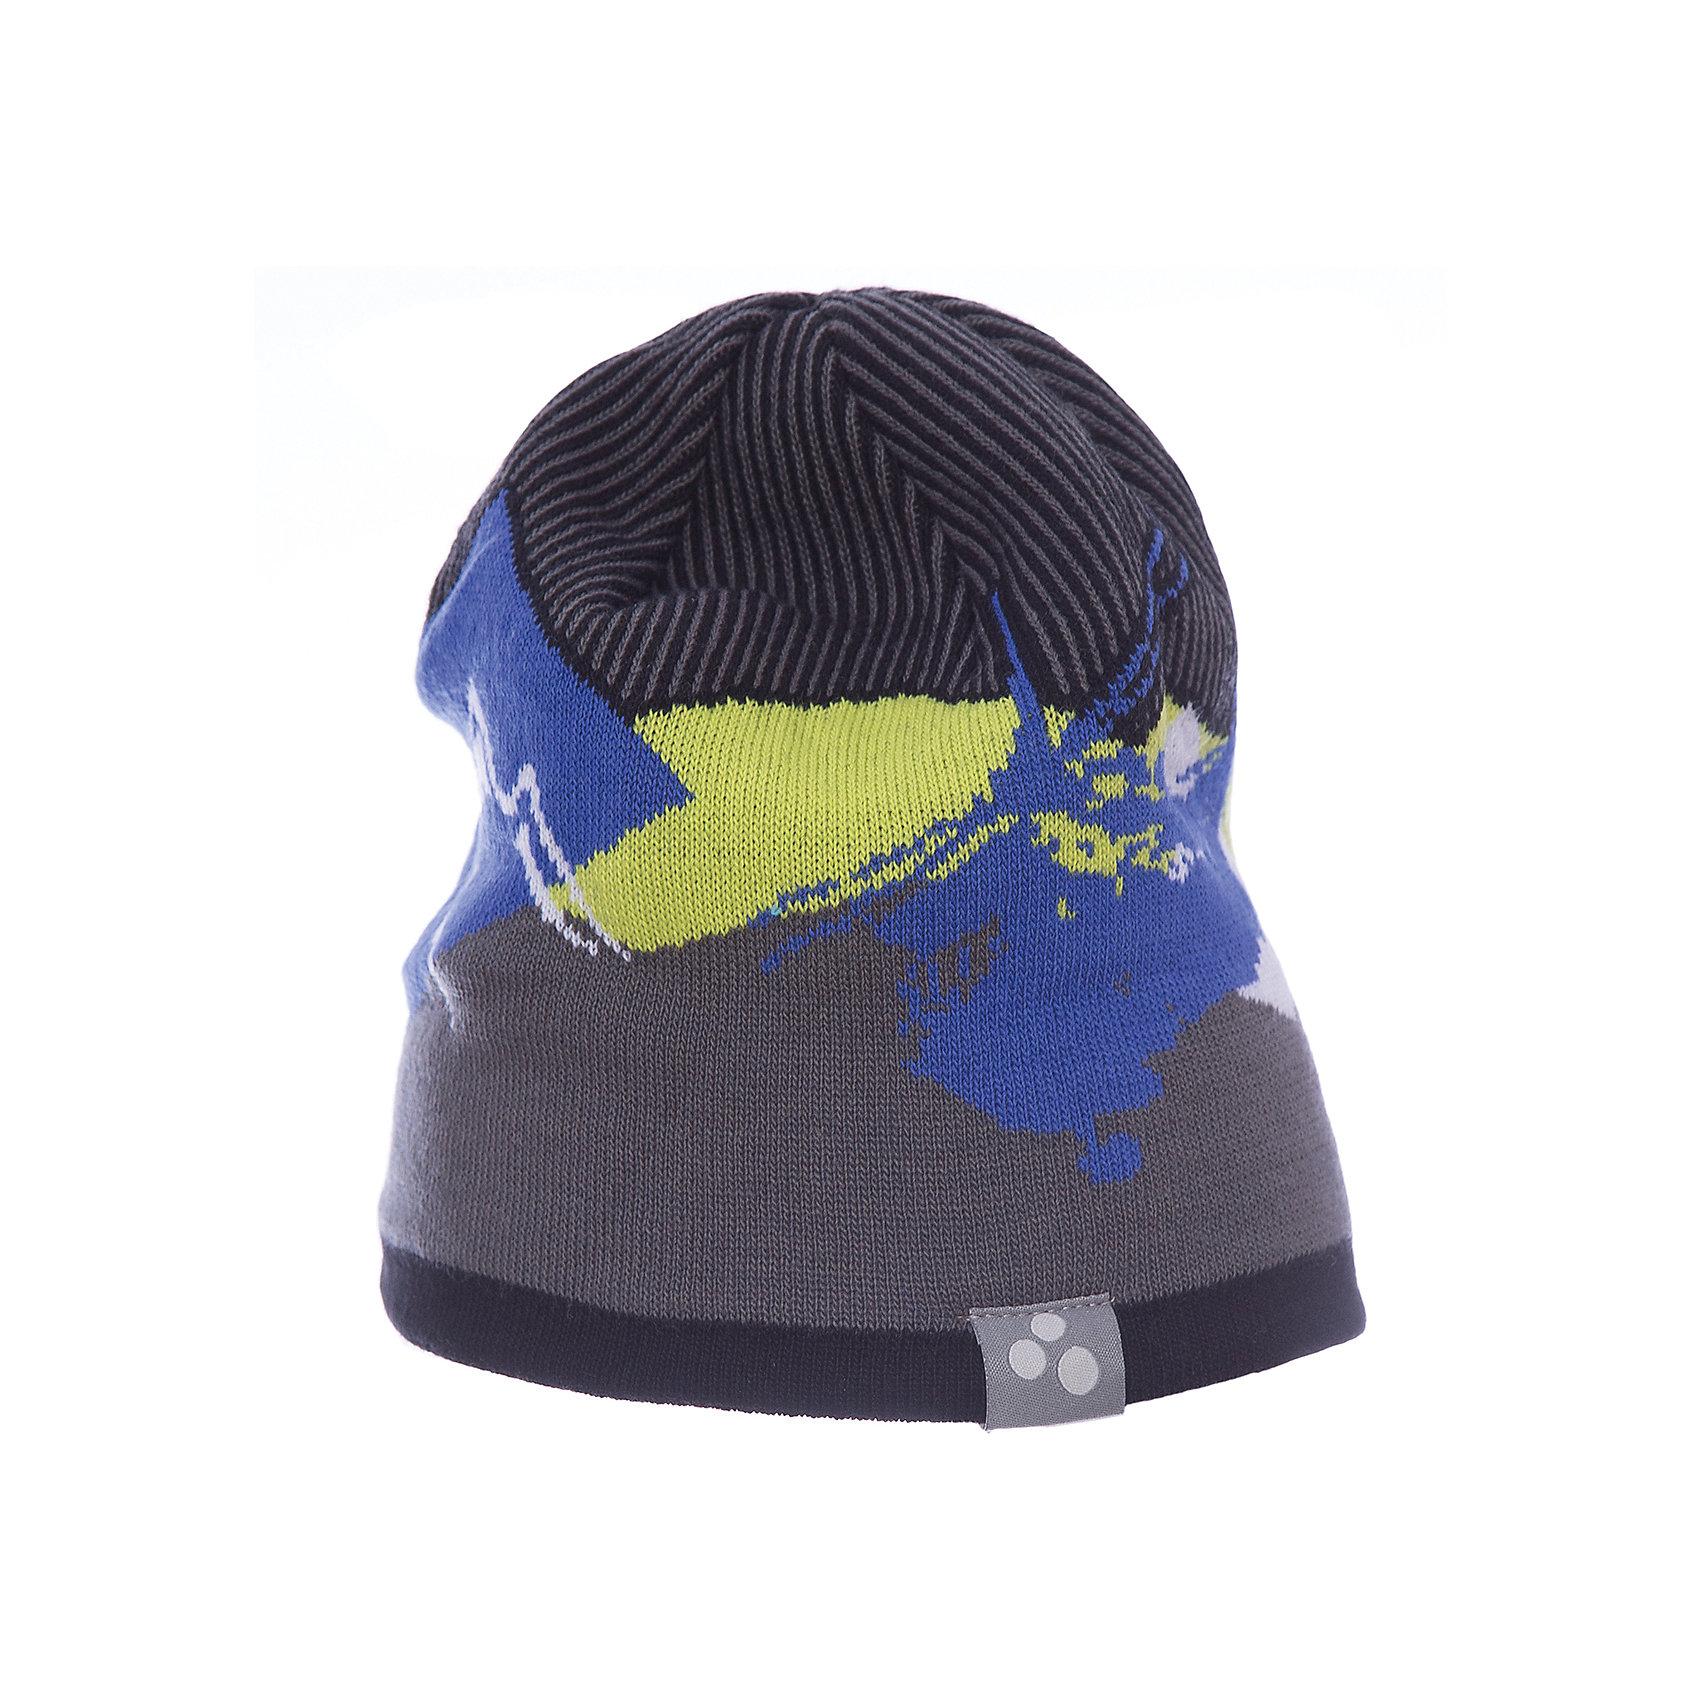 Шапка CARLOS HuppaЗимние<br>Вязаная детская шапка CARLOS.Прекрассно подойдет для повседневных прогулок в холодную погоду.<br>Состав:<br>50% мерс.шерсть, 50% акрил<br><br>Ширина мм: 89<br>Глубина мм: 117<br>Высота мм: 44<br>Вес г: 155<br>Цвет: синий<br>Возраст от месяцев: 132<br>Возраст до месяцев: 156<br>Пол: Унисекс<br>Возраст: Детский<br>Размер: 57-59,55-57,51-53<br>SKU: 7023991